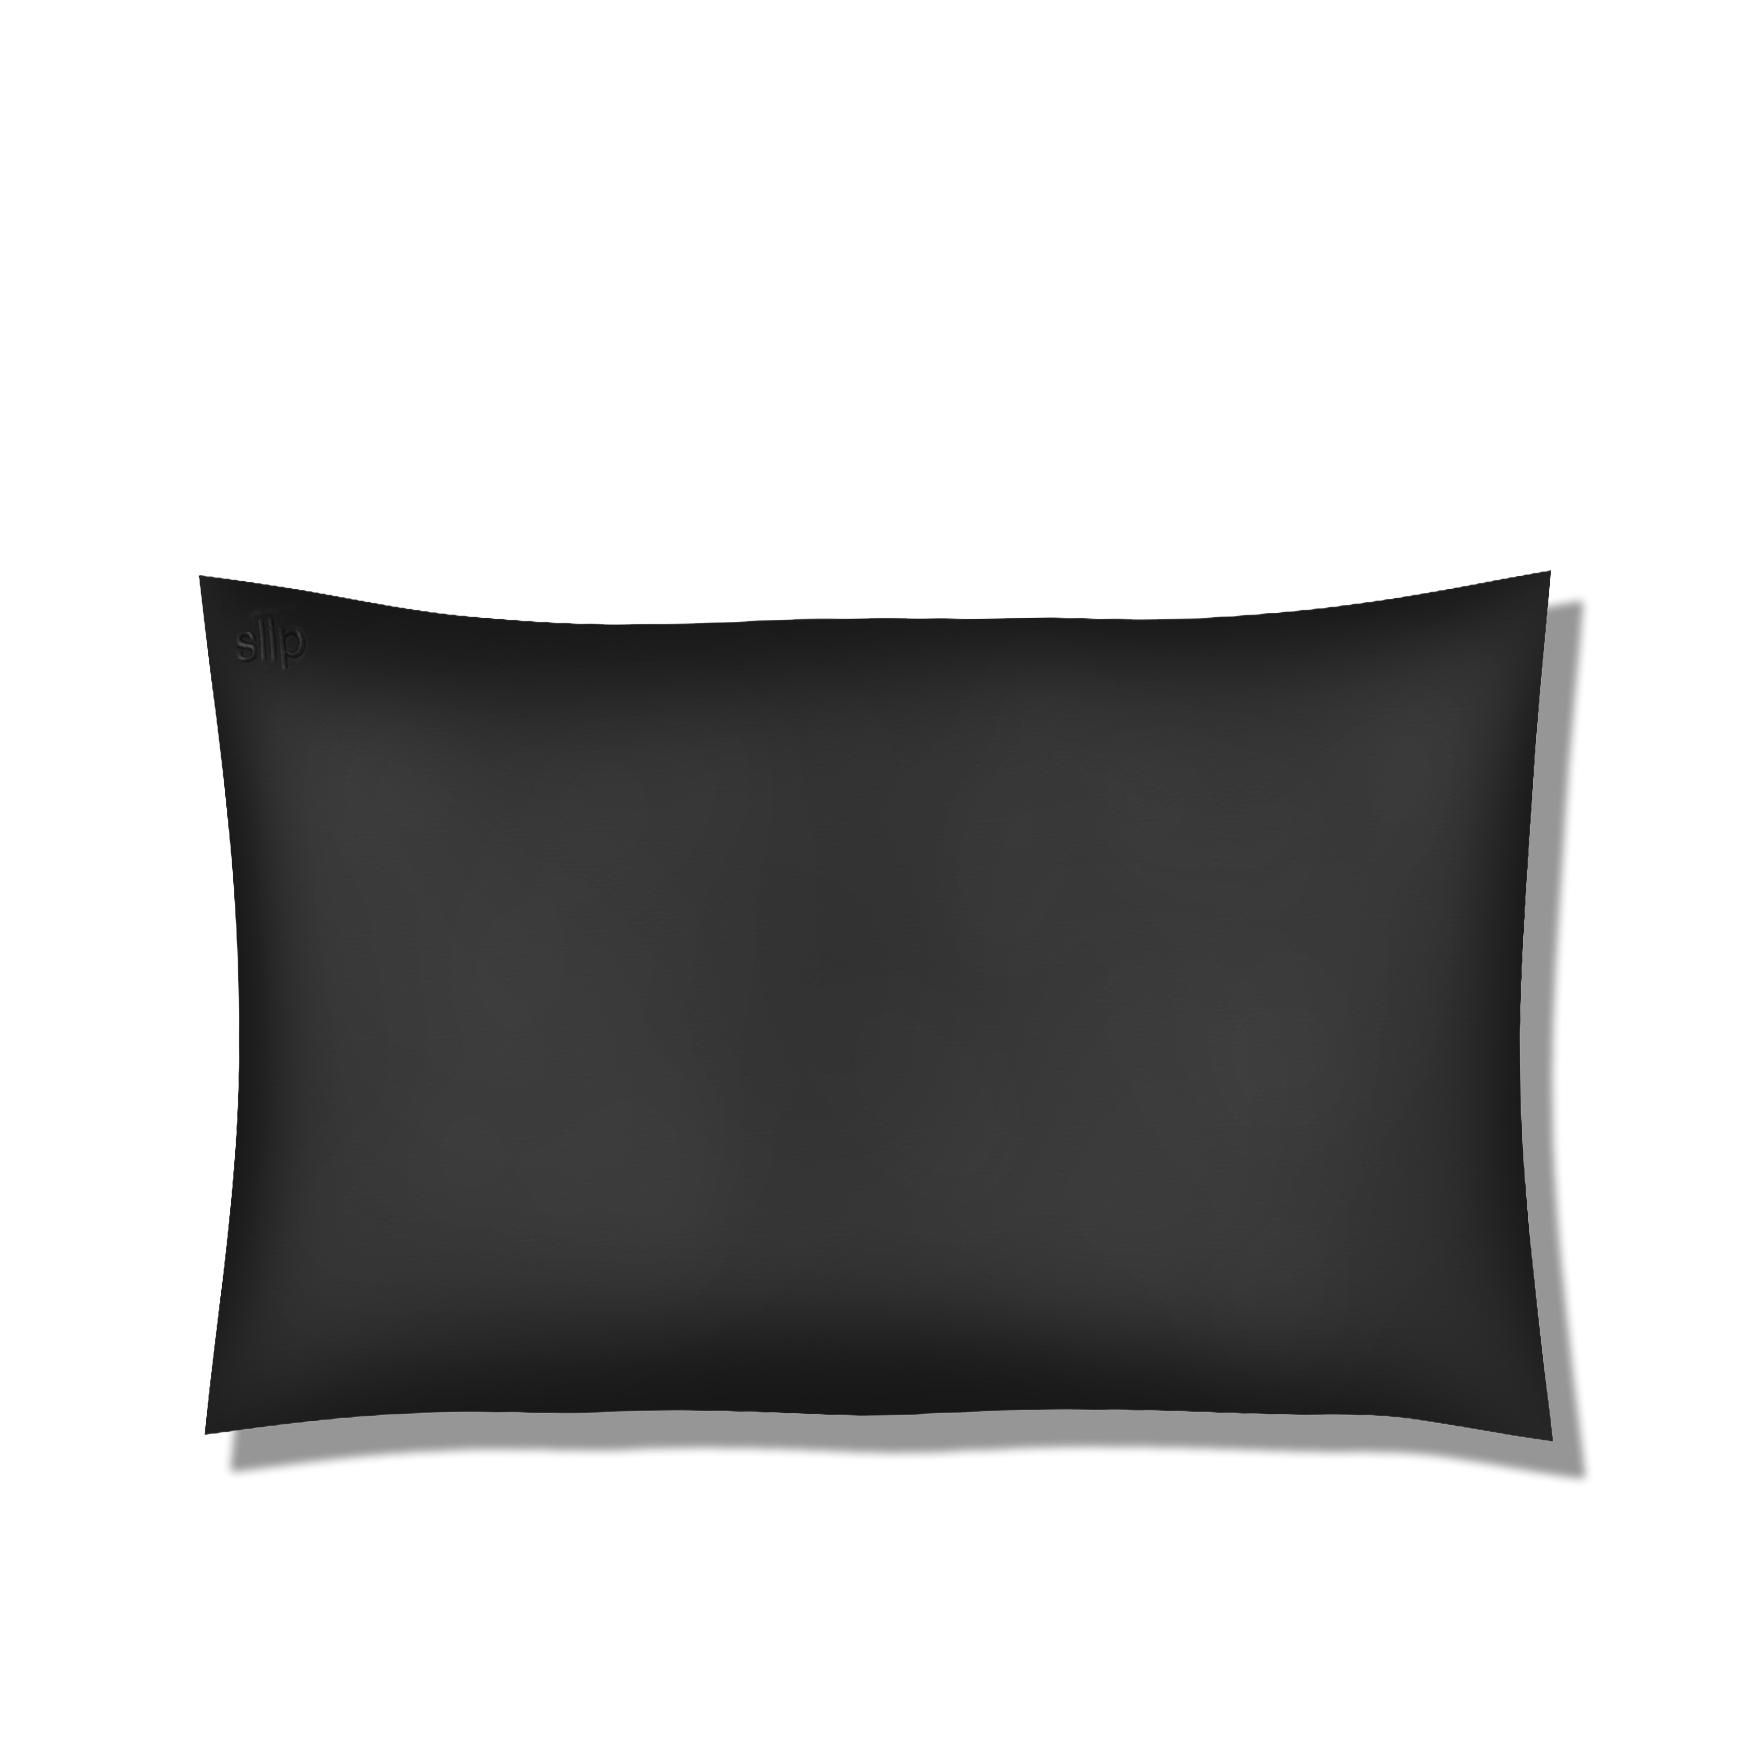 Silk Pillowcase - Queen Standard, BLACK, large